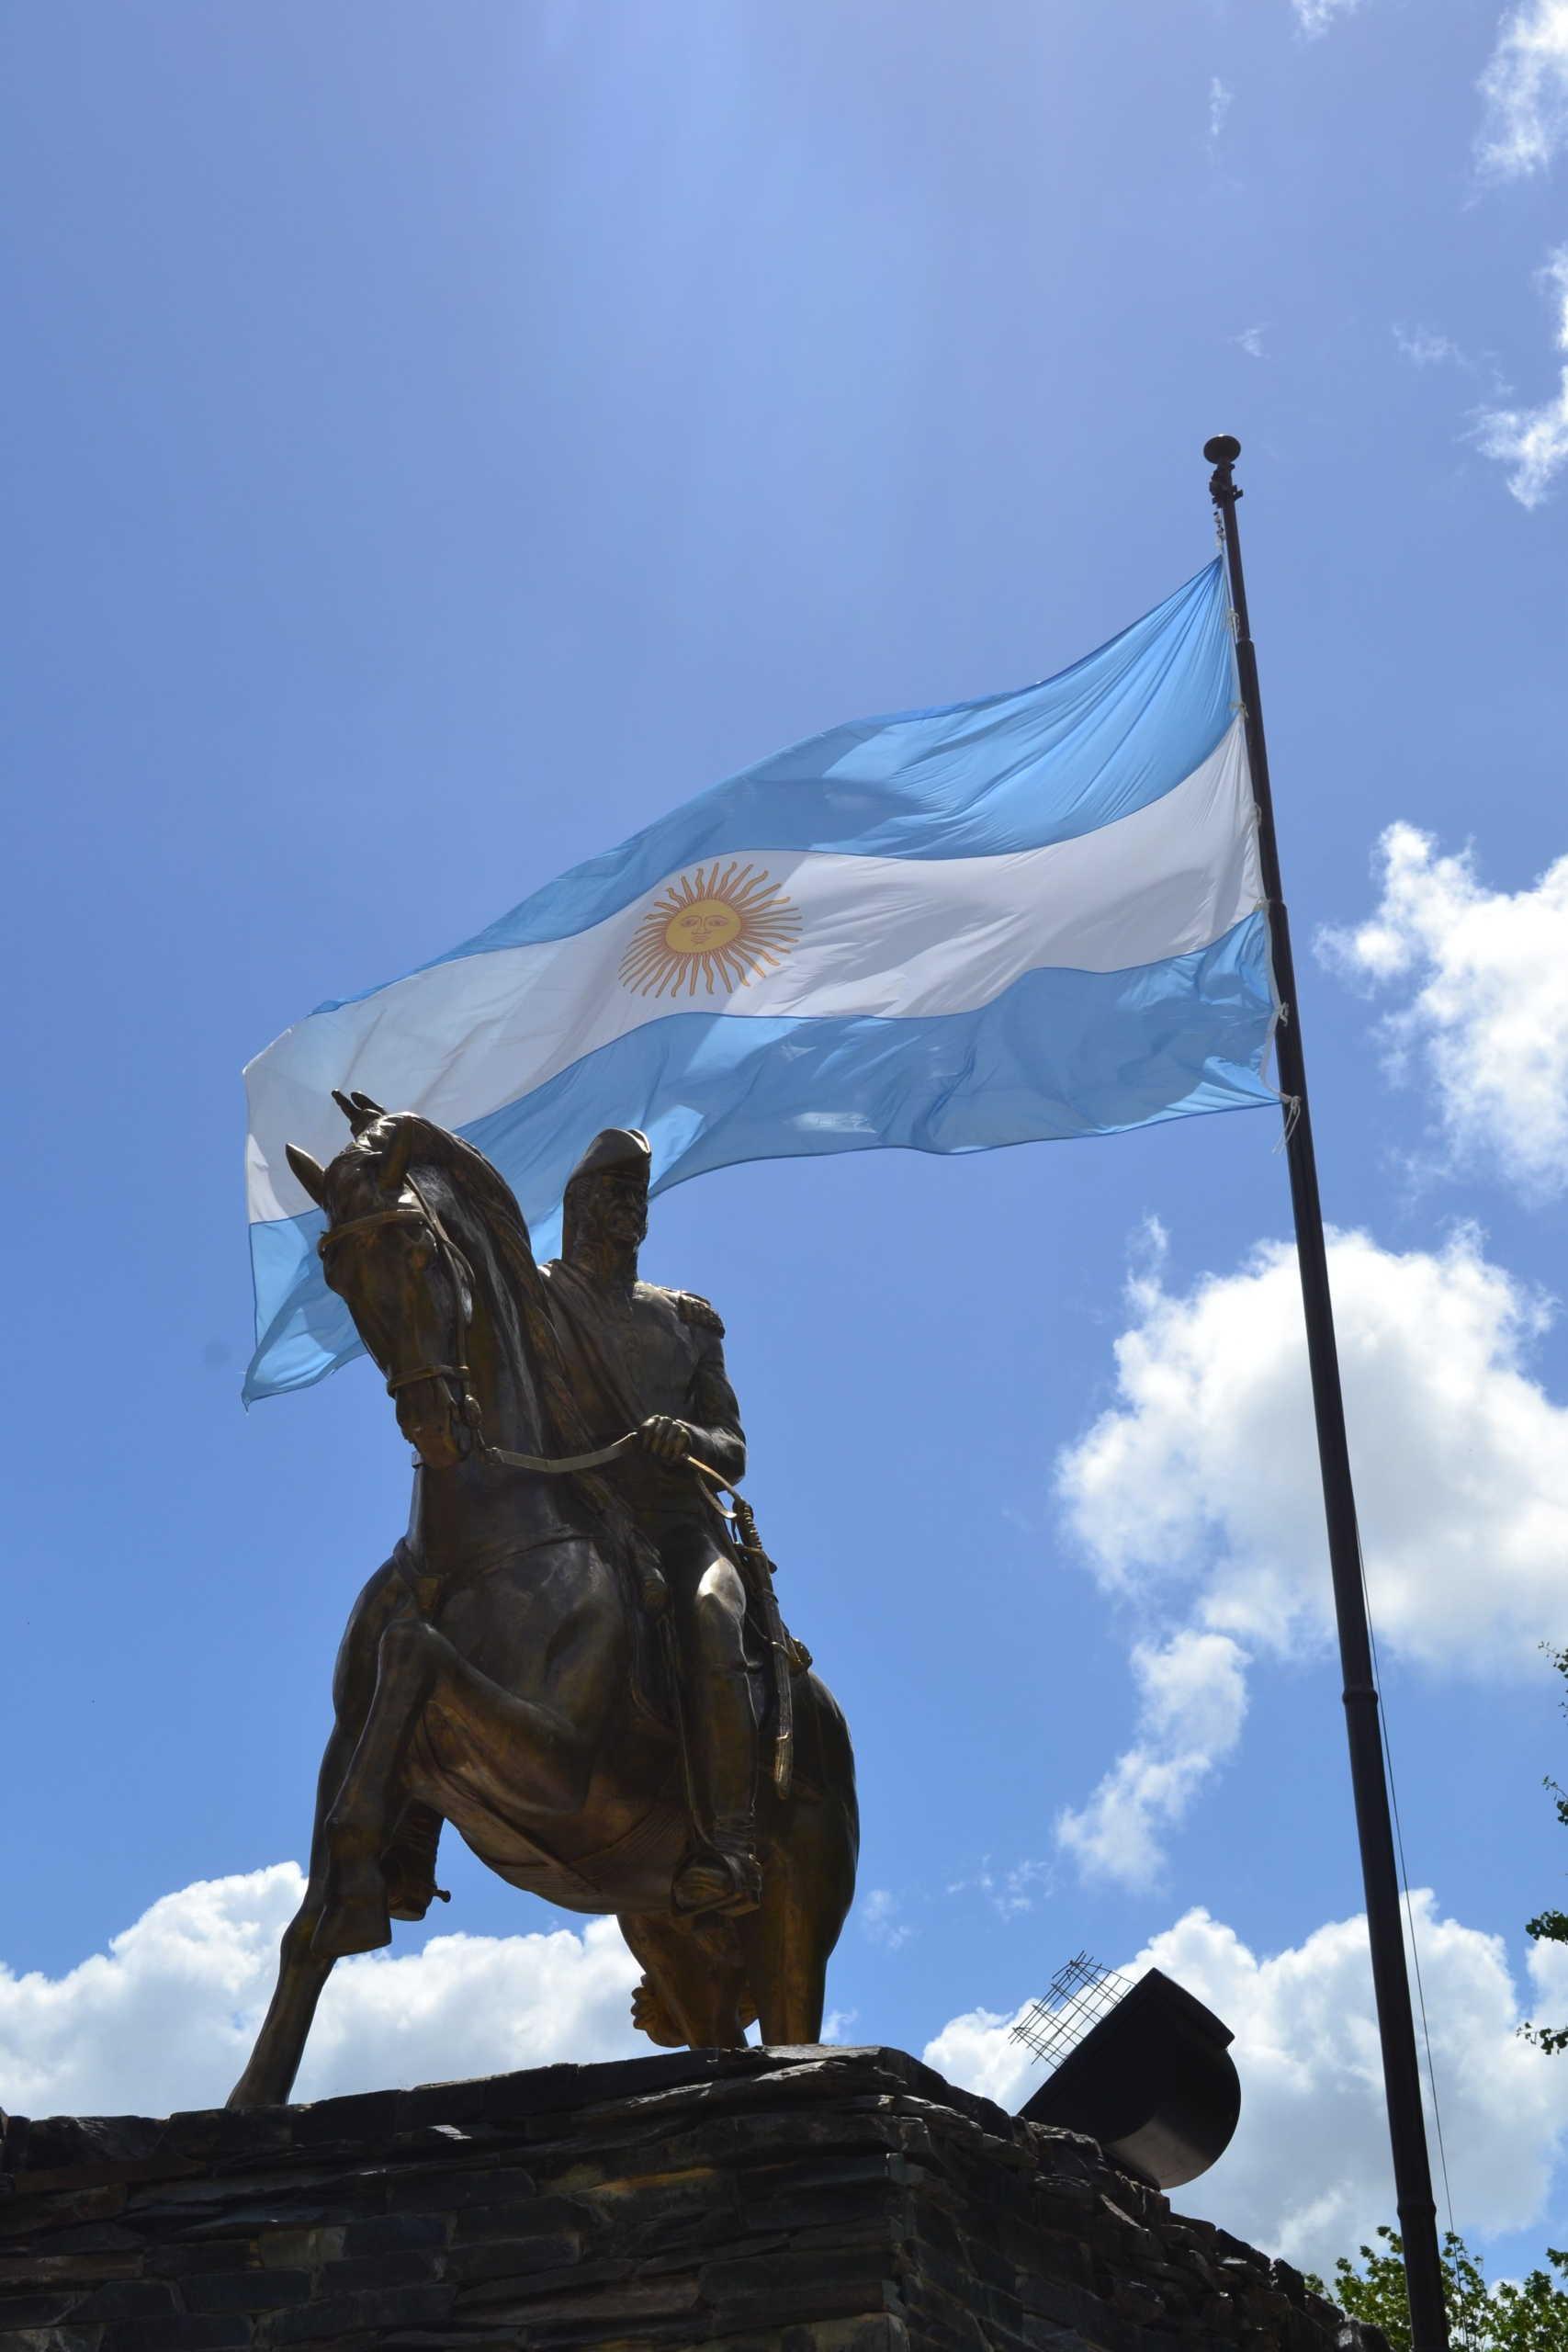 Monumento a San Martín de a caballo